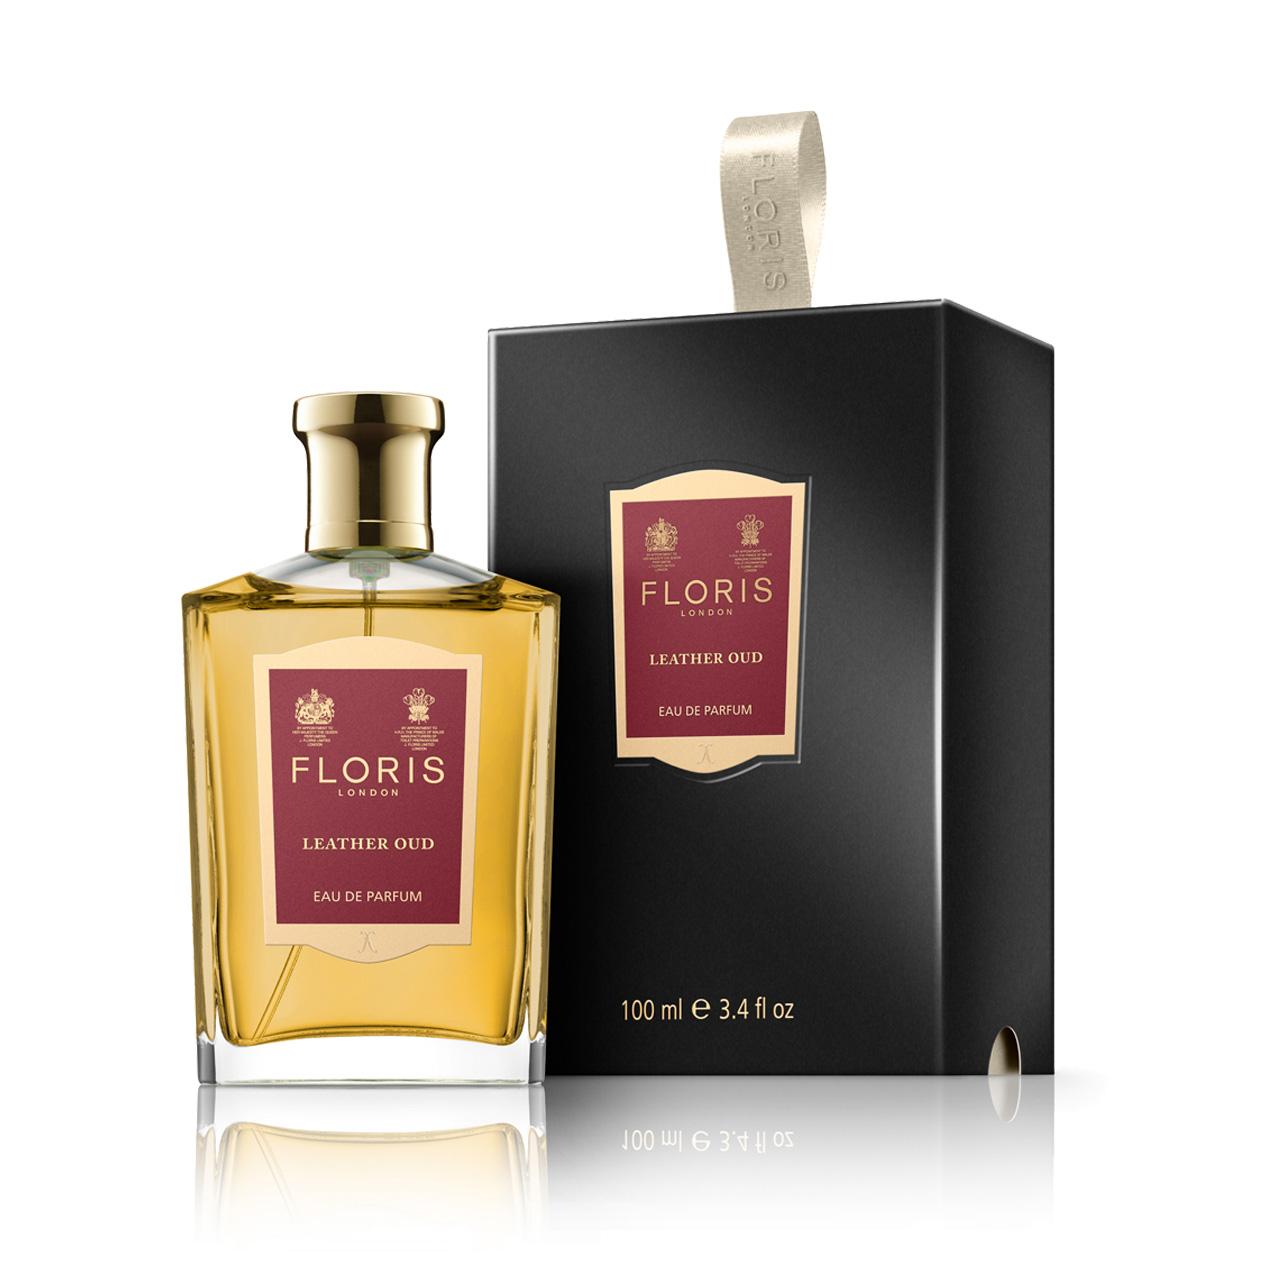 Leather Oud - Eau de Parfum - Private Collection